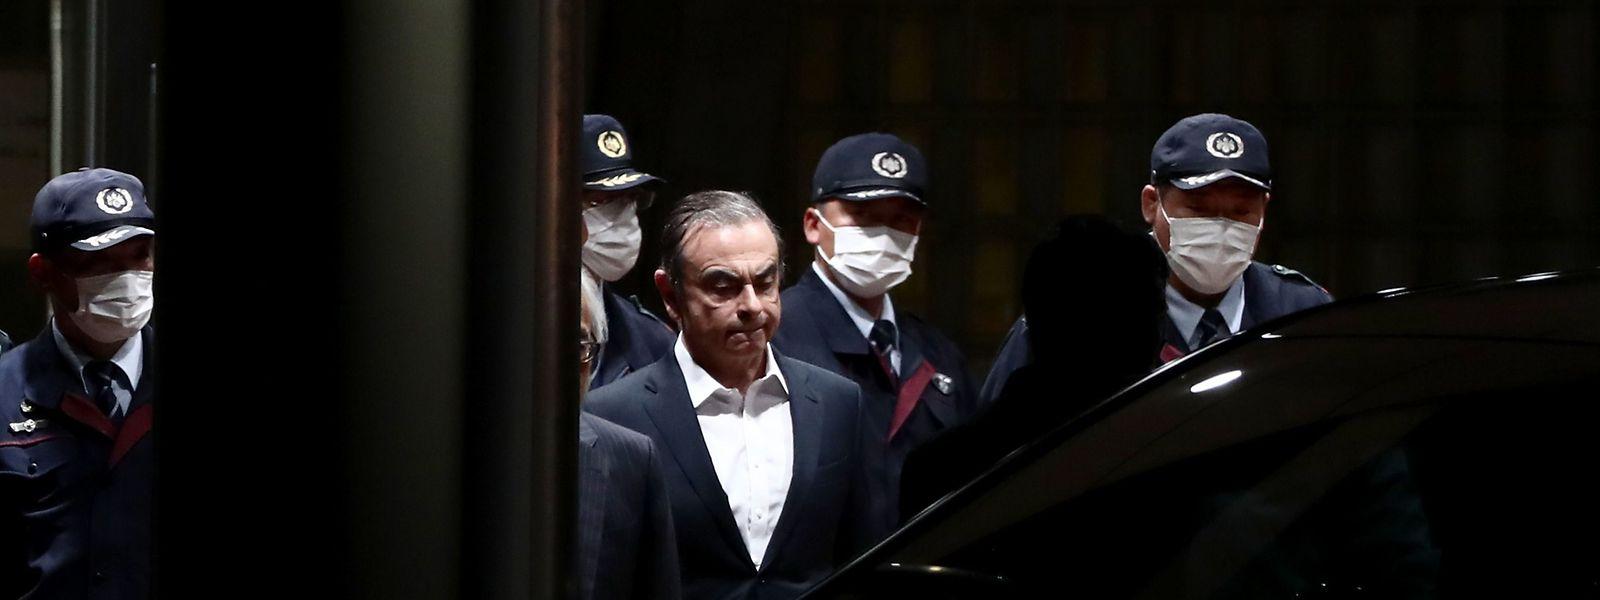 Carlos Ghosn im April 2019 nach einem Gerichtstermin.